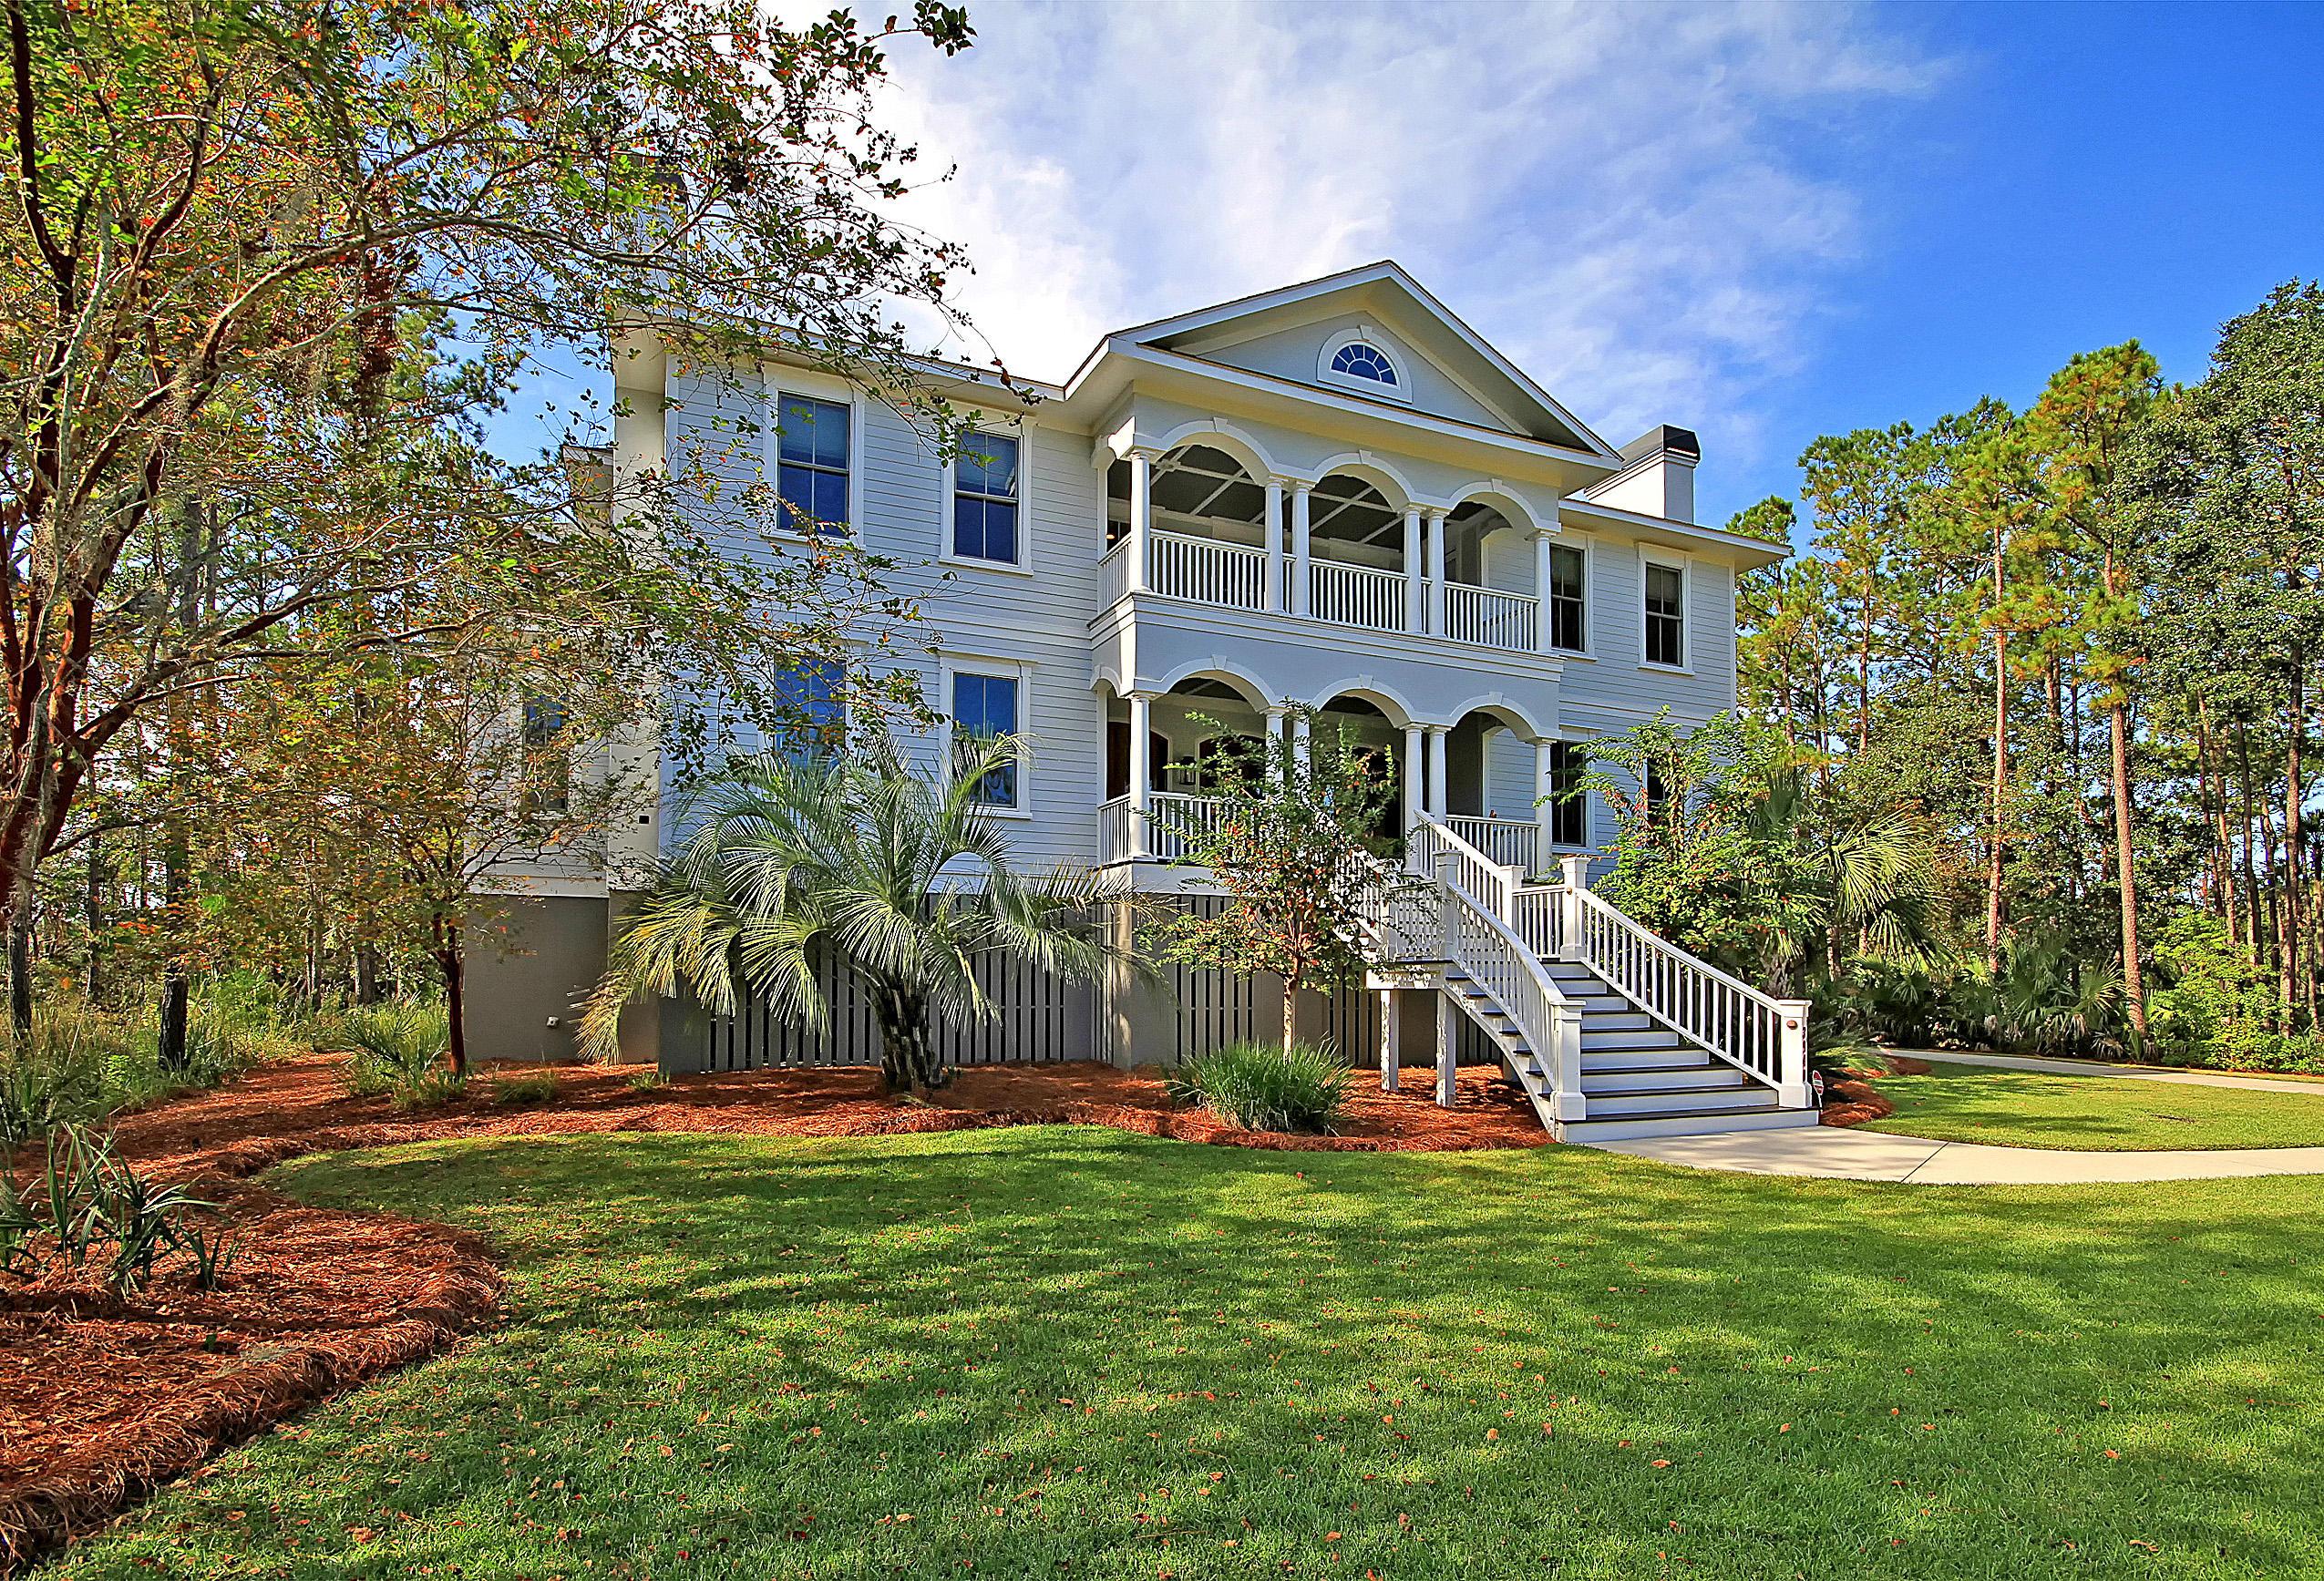 Park West Homes For Sale - 3940 Ashton Shore, Mount Pleasant, SC - 3